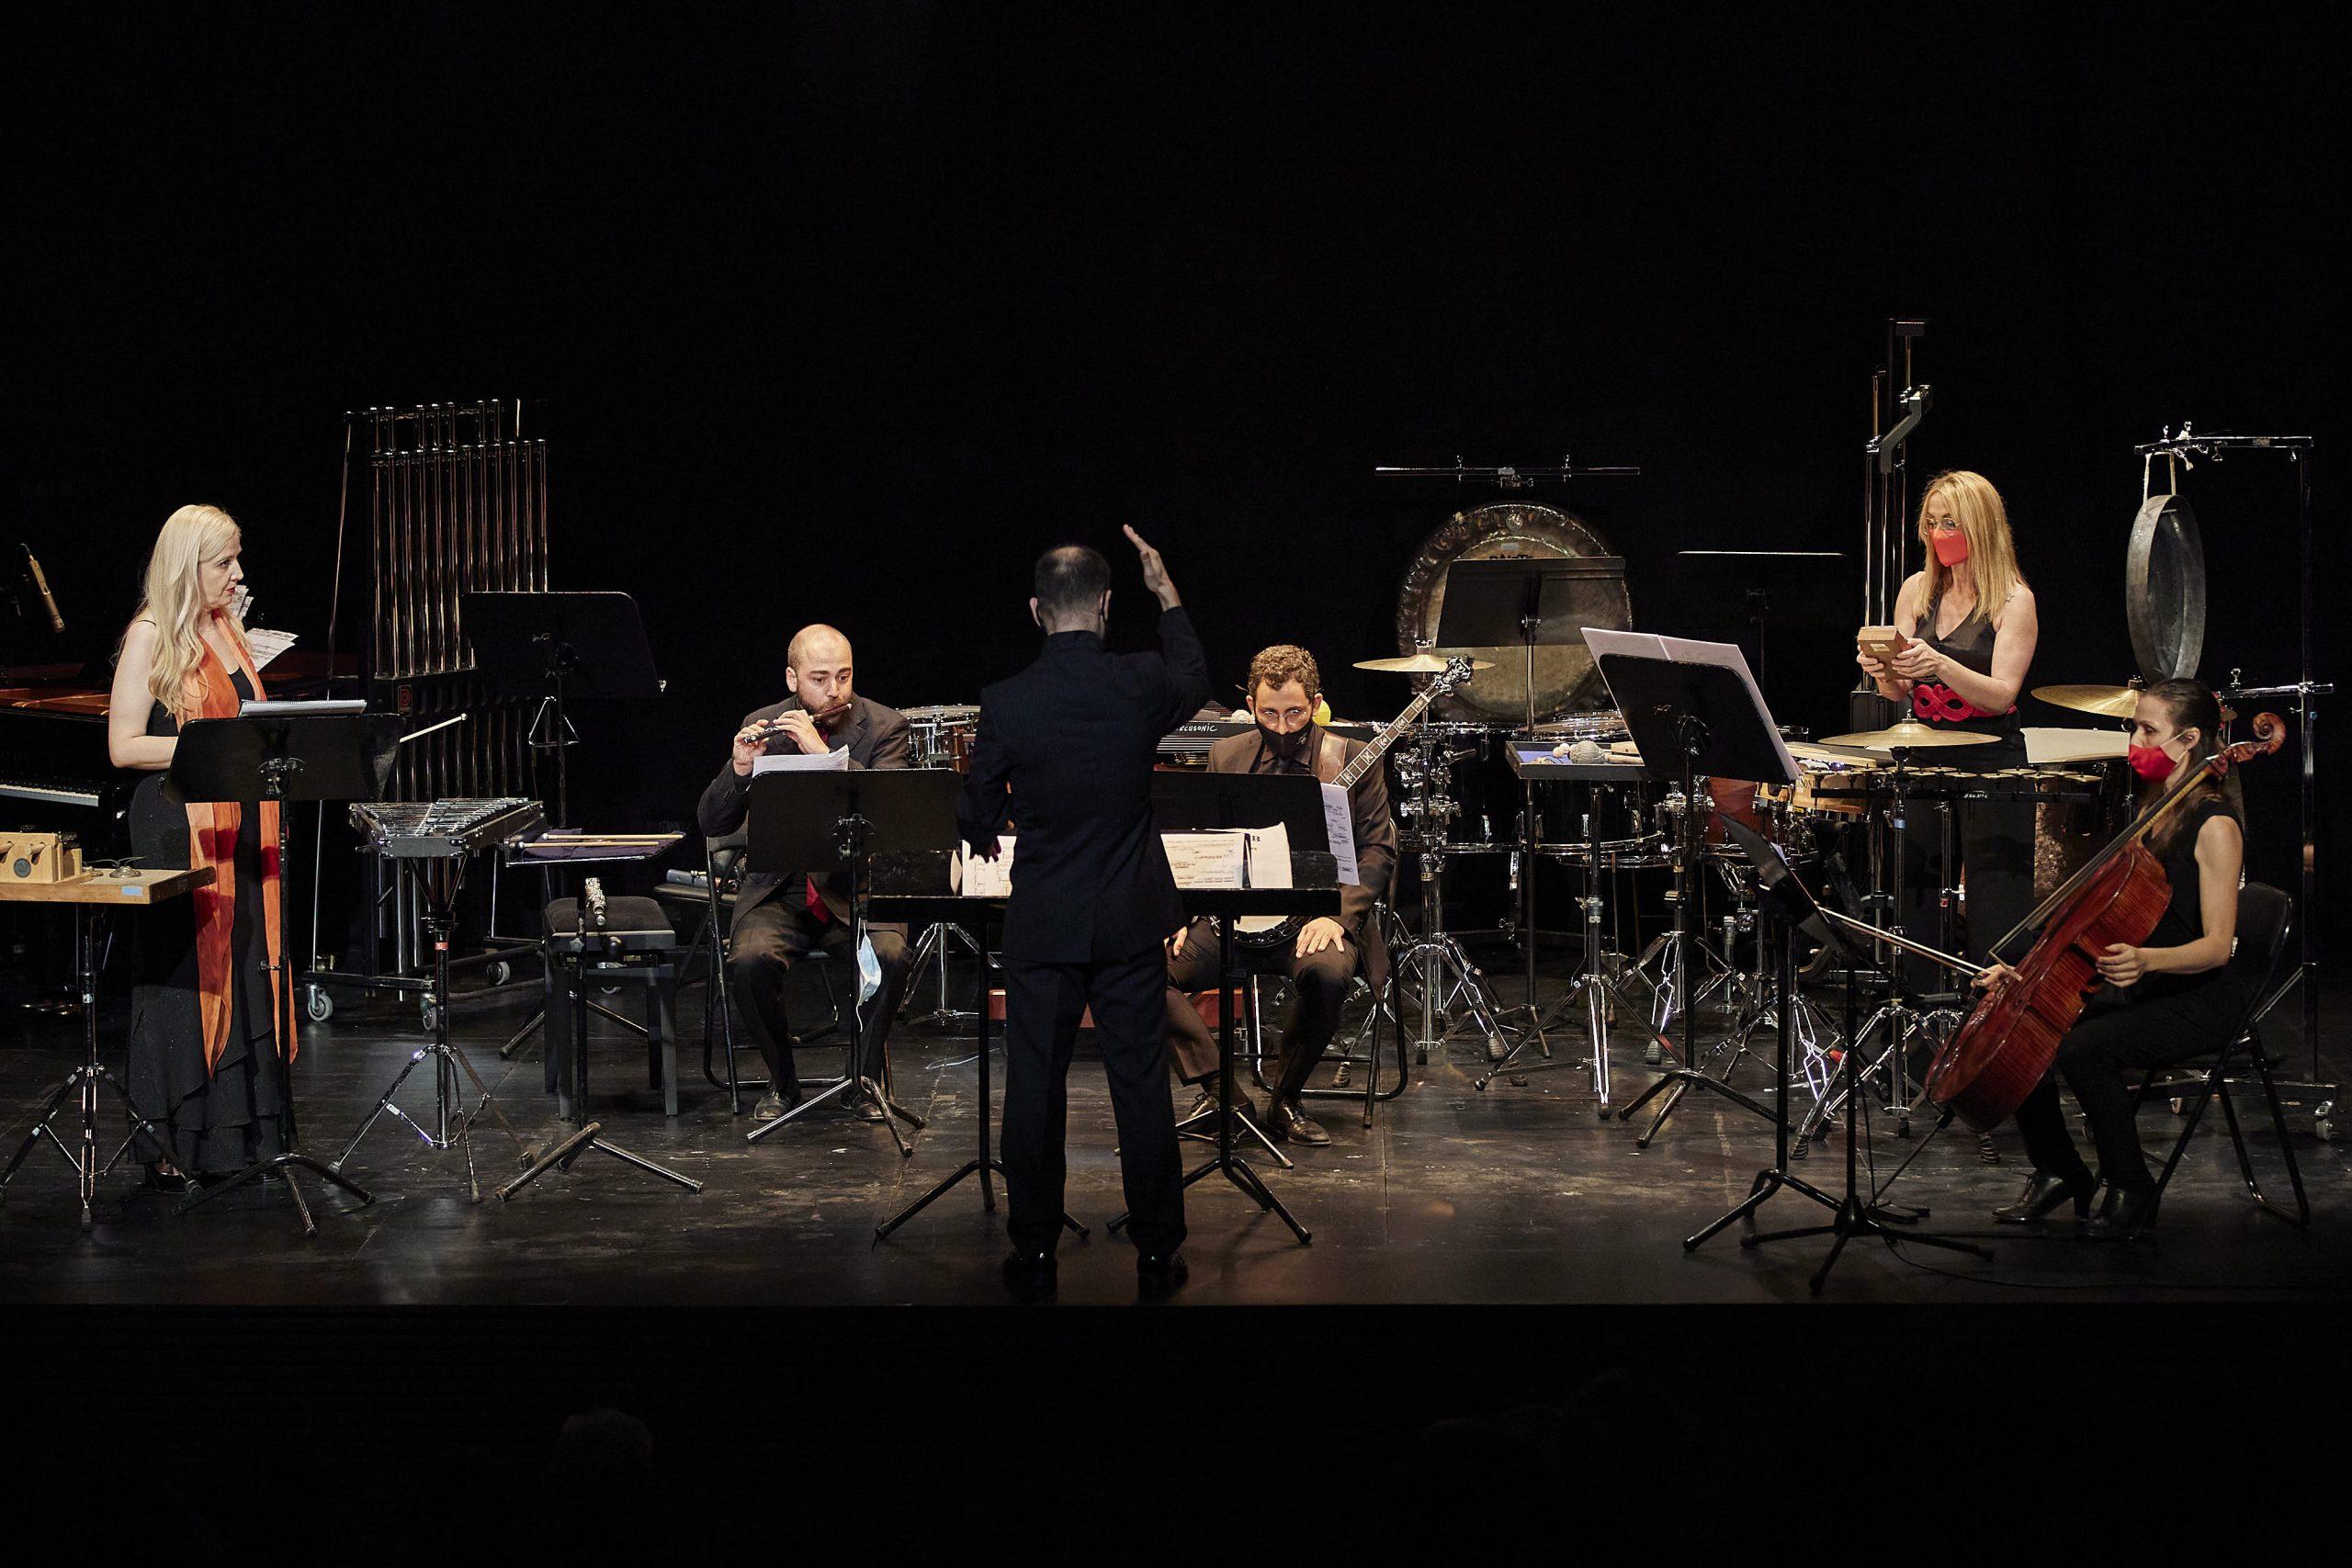 Crítica: El misterio de lo primordial. Crumb-Lorca Project del Festival de Granada